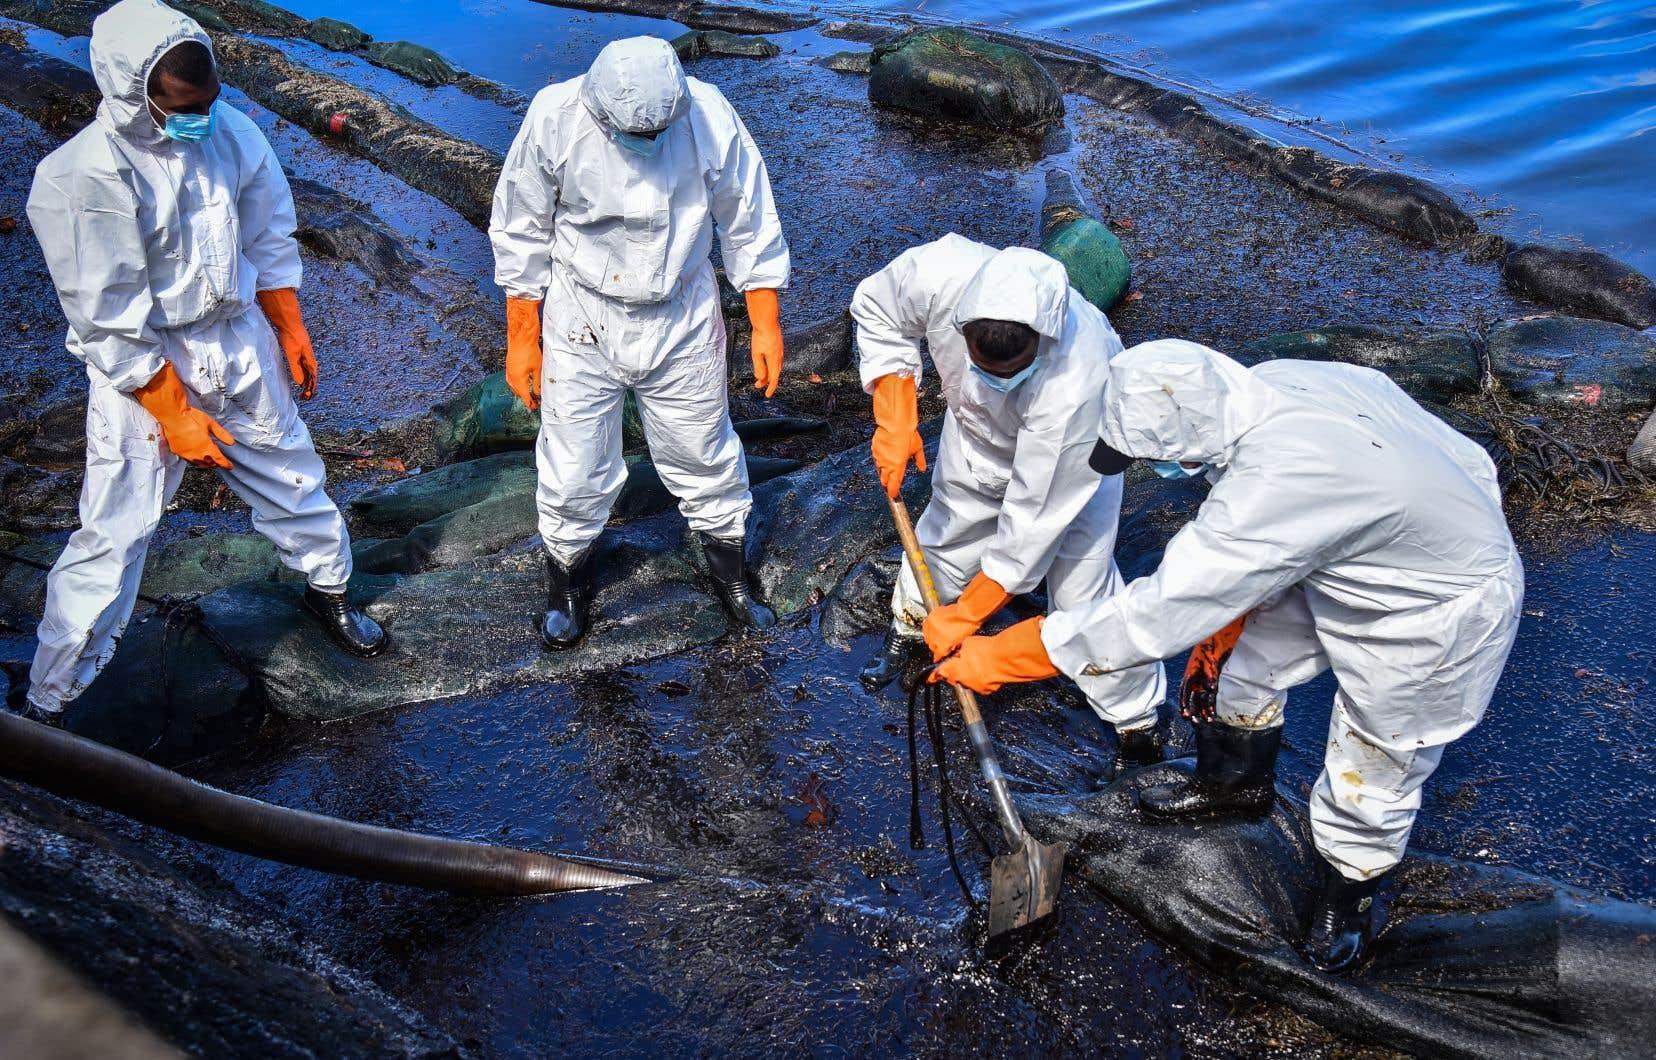 Les équipes d'intervention ont mené une course contre la montre pour pomper le reste du carburant, pendant que le bateau menaçait d'un moment à l'autre de se briser.